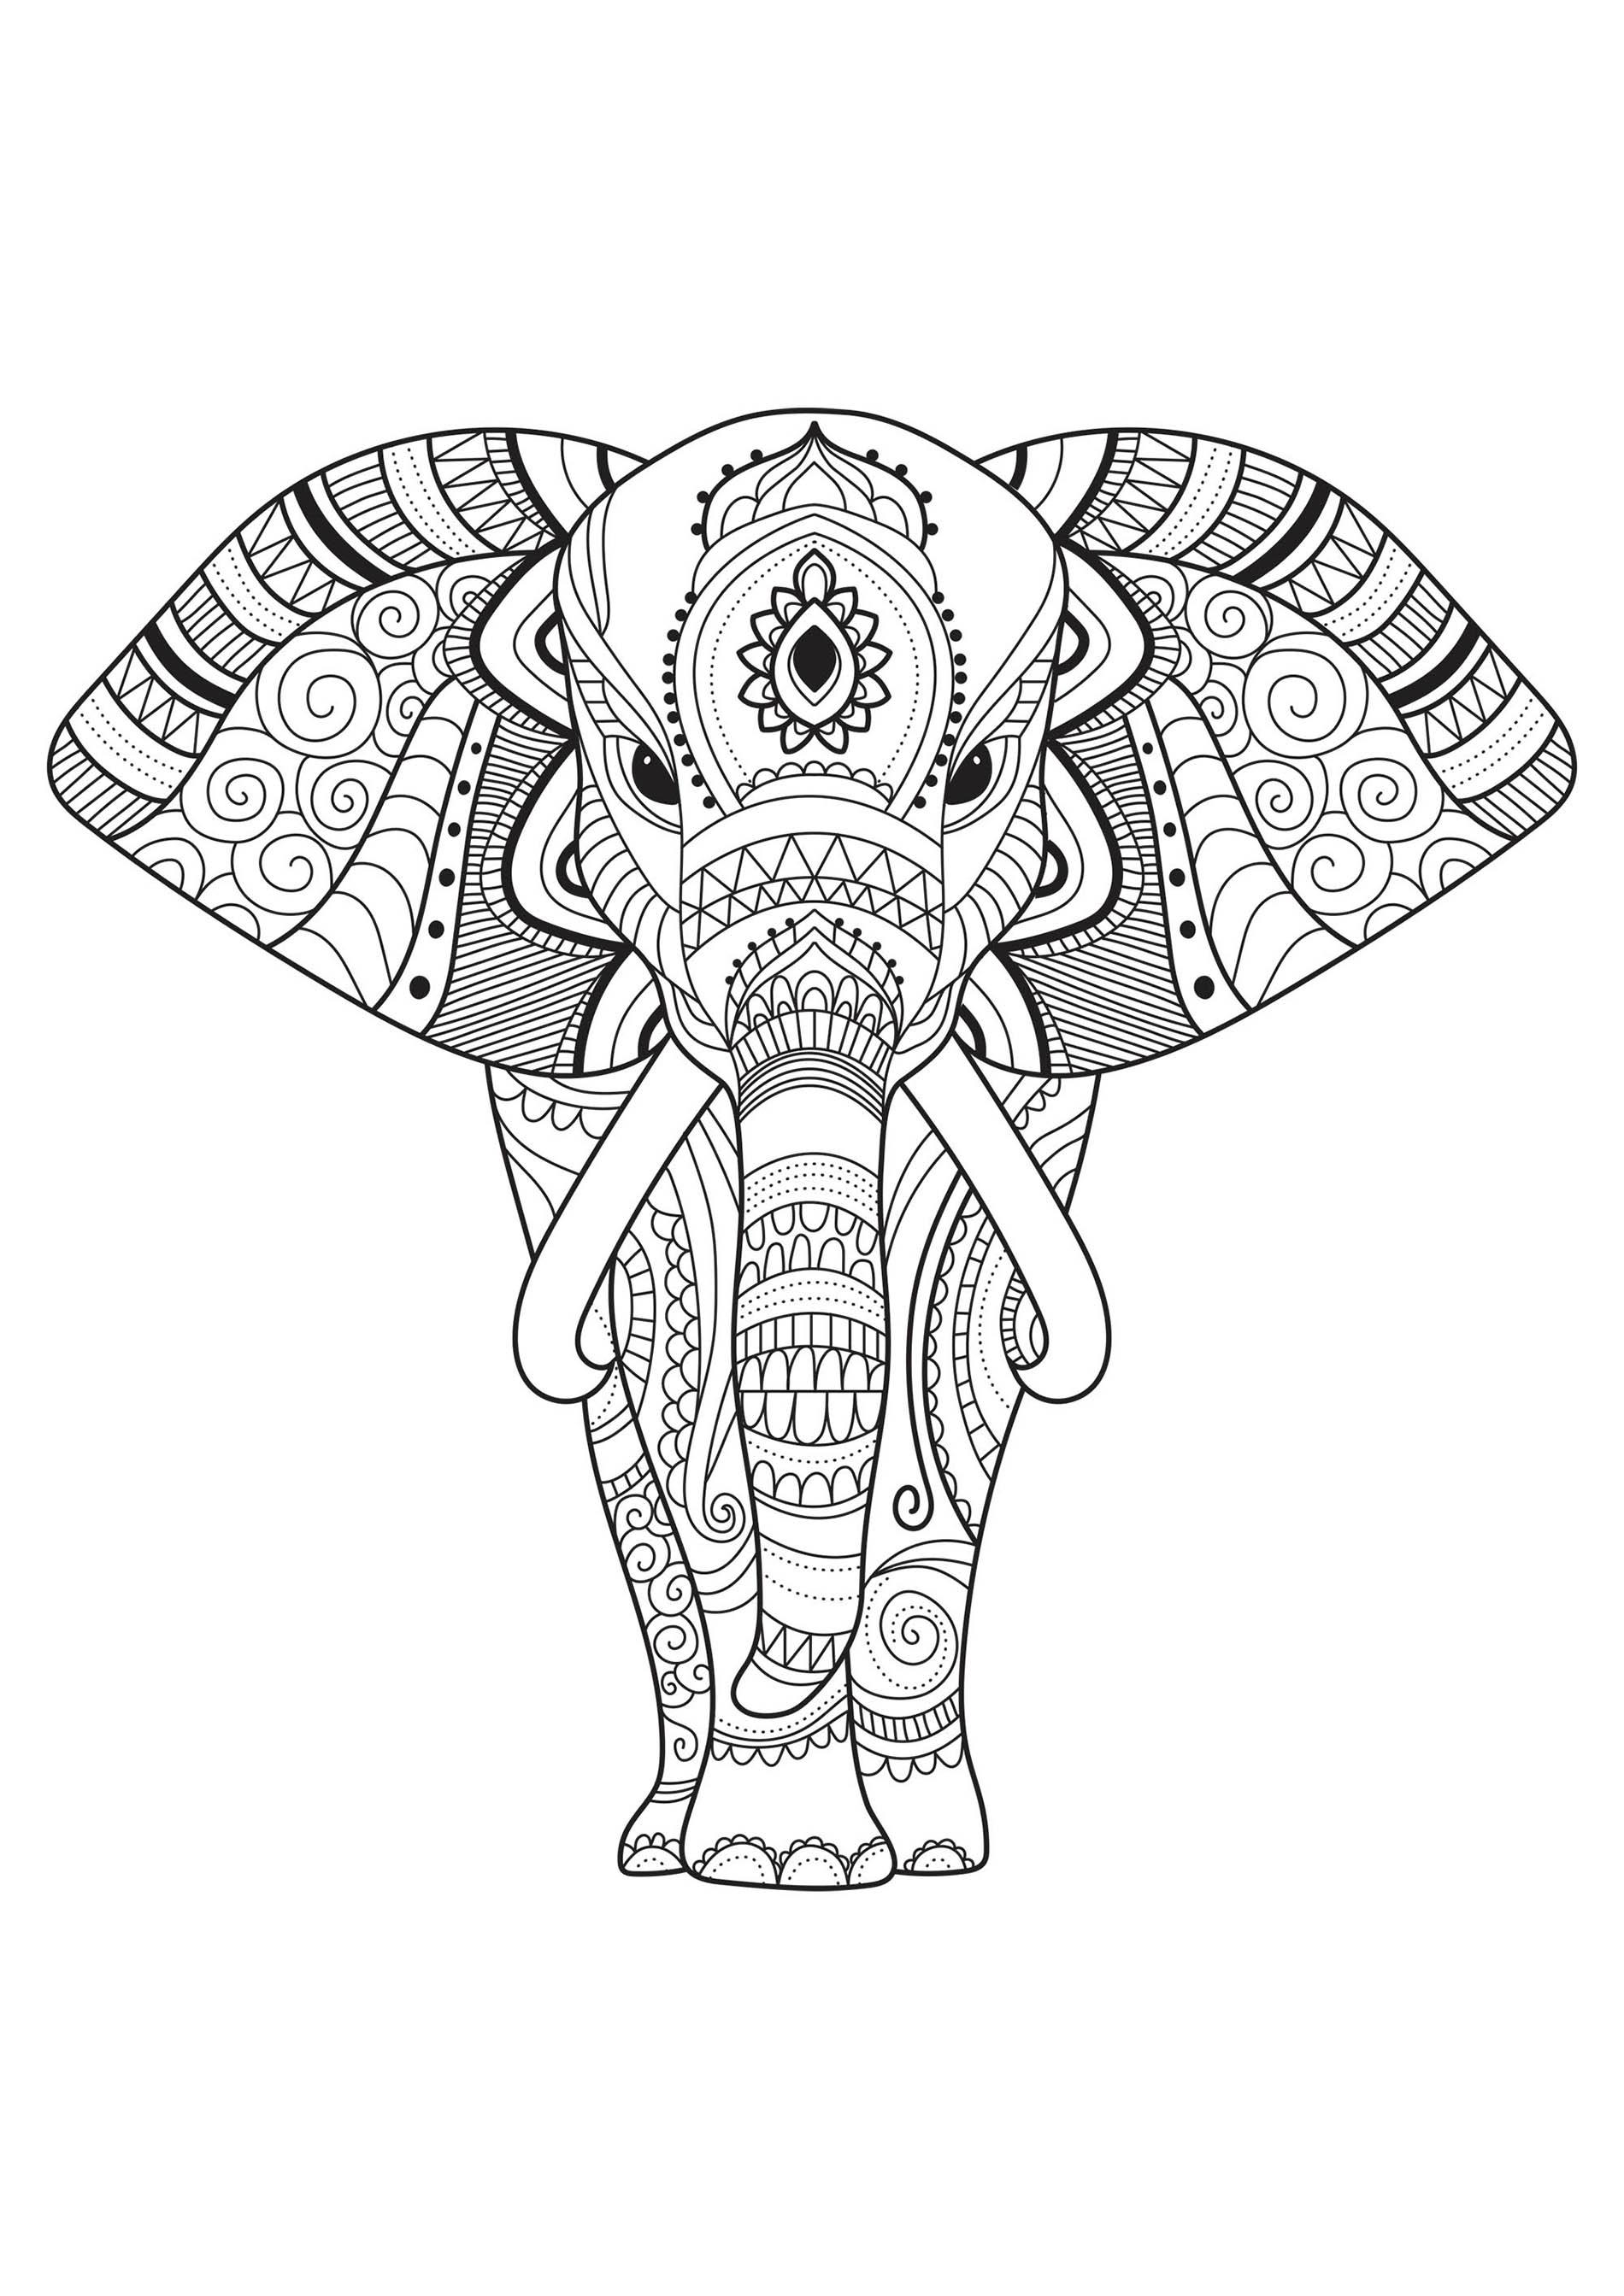 Joli Elephant Decore Coloriage D Elephants Coloriages Pour Enfants